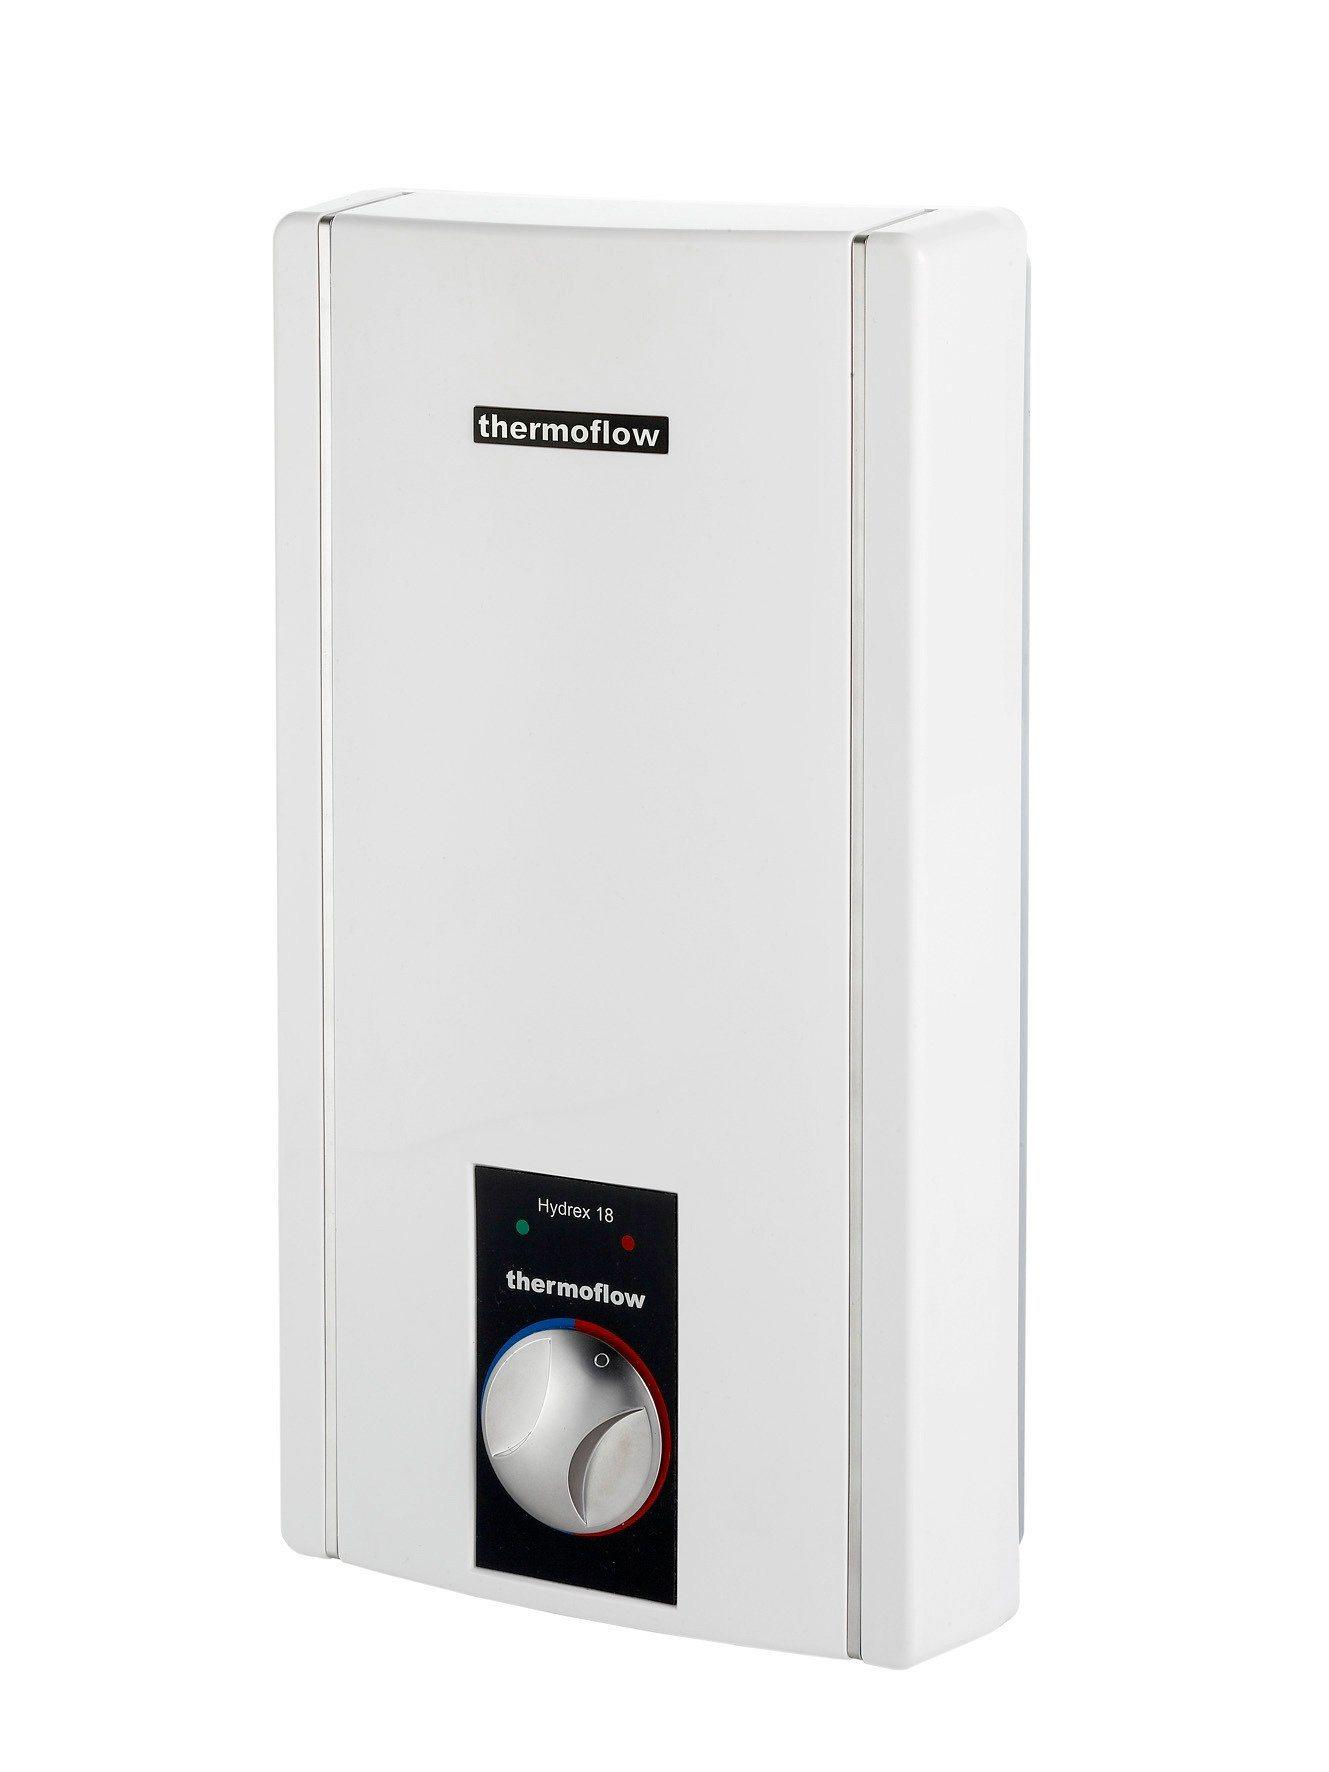 RESPEKTA Durchlauferhitzer »Thermoflow Hydrex 18/21/24« | Baumarkt > Heizung und Klima > Durchlauferhitzer | RESPEKTA